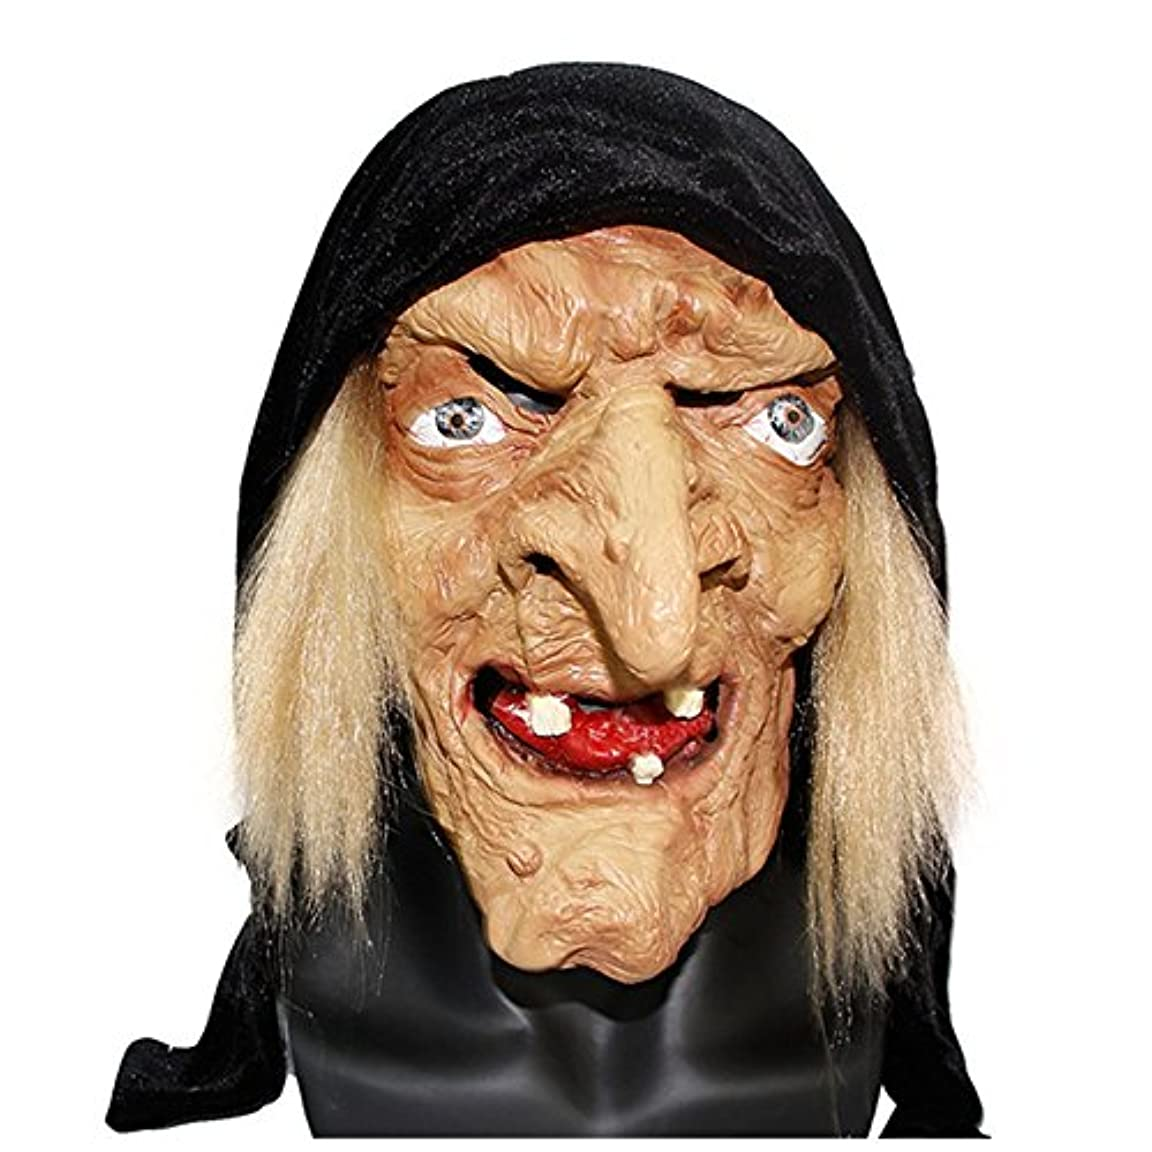 引き潮シーボード彫るハロウィンマスク魔女の顔ラテックスヘッドギア怖いお化け屋敷のおもちゃホラー大人の女性の装飾的なフェイスマスク